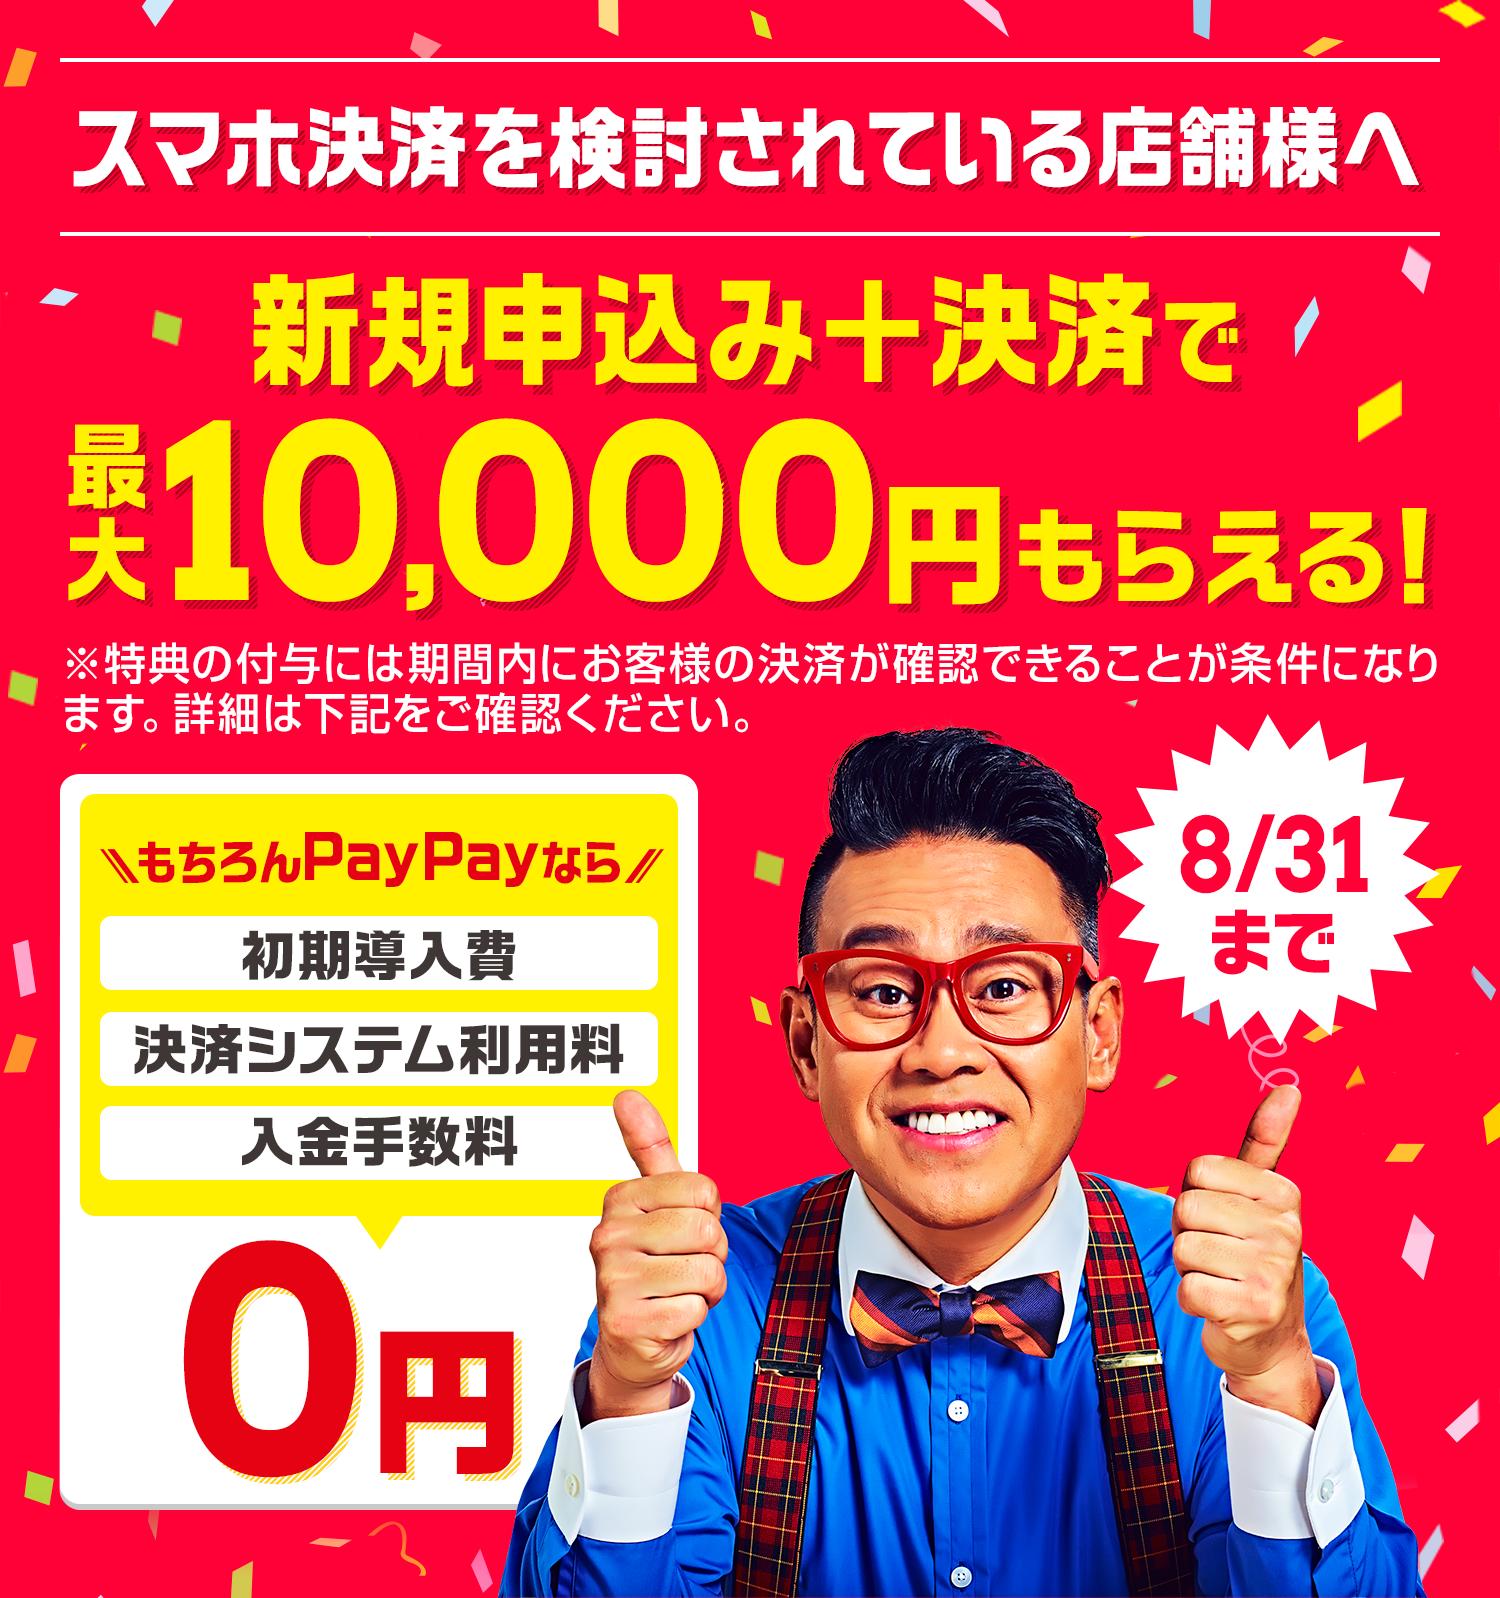 スマホ決済を検討されている店舗様へ 新規申し込み+決済で最大10,000円もらえる! 8/31まで